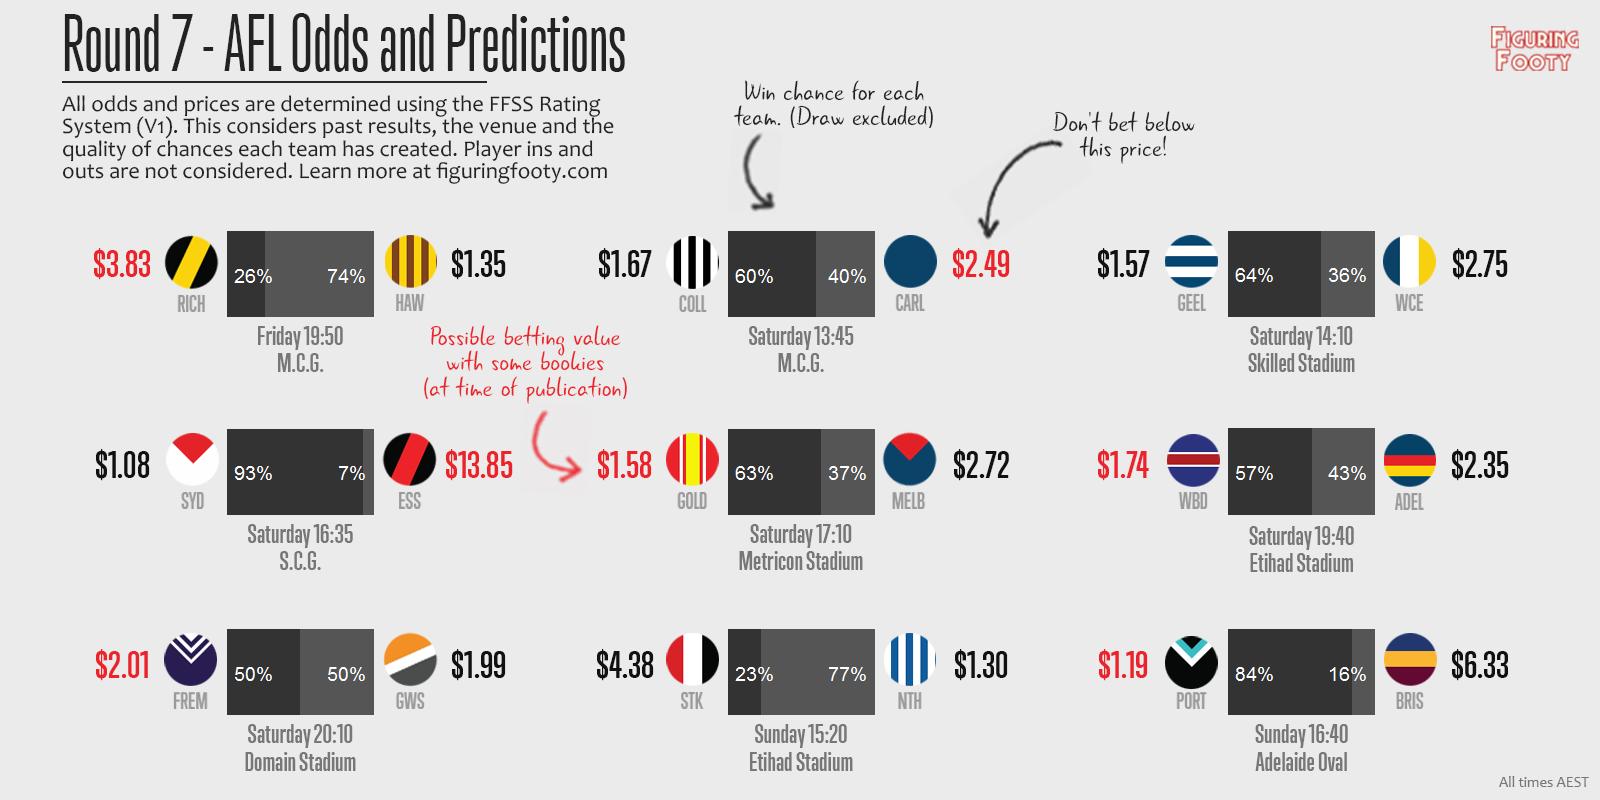 FFSS Week 7 Predictions